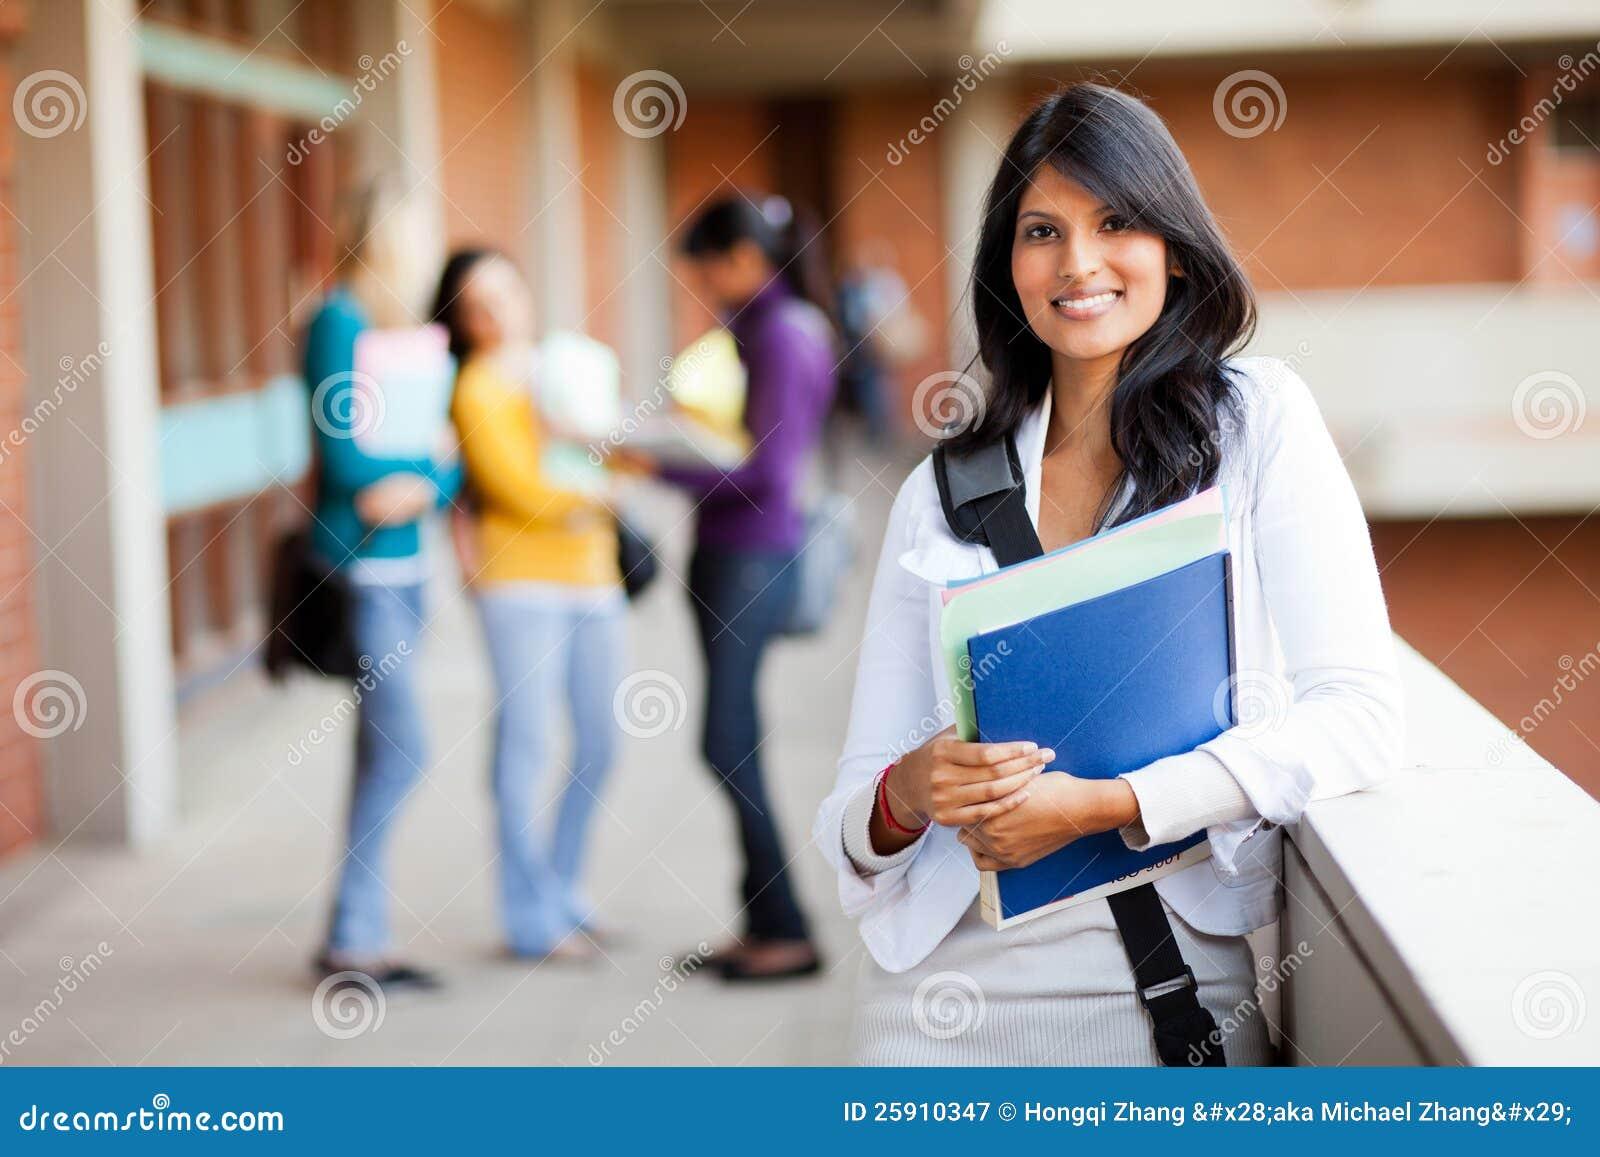 Student collegu